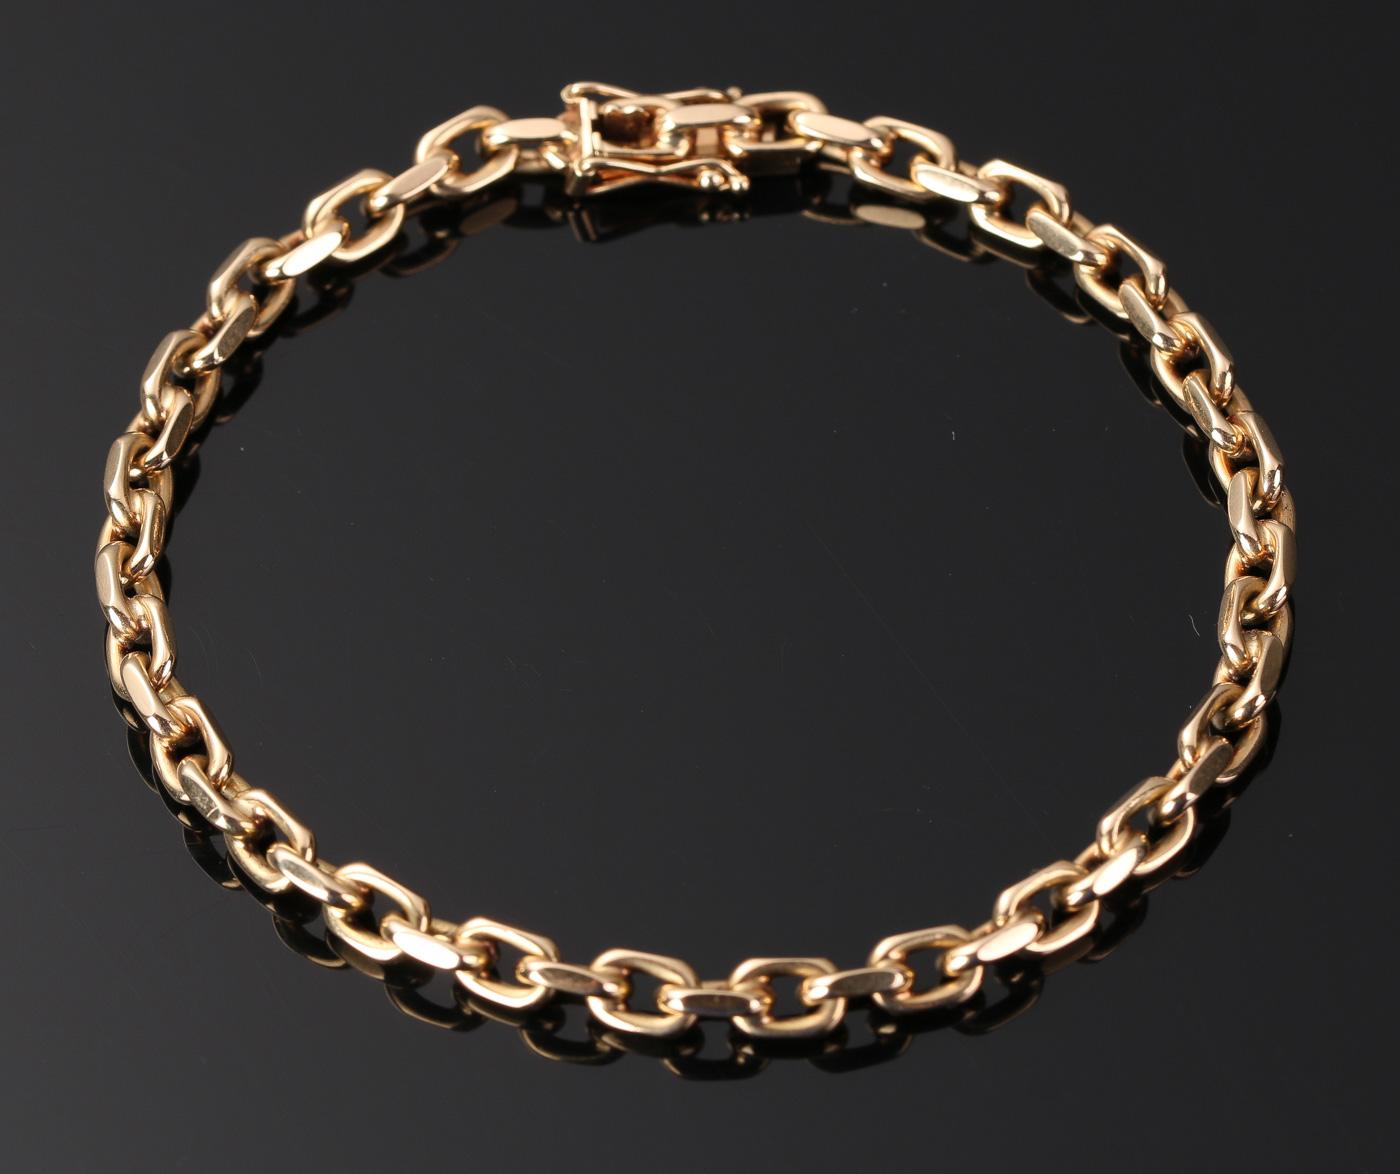 Armbånd af guld 14 kt - Anker armbånd af guld 14 kt, Vægt: 13,9 gr. Længde: 19 cm